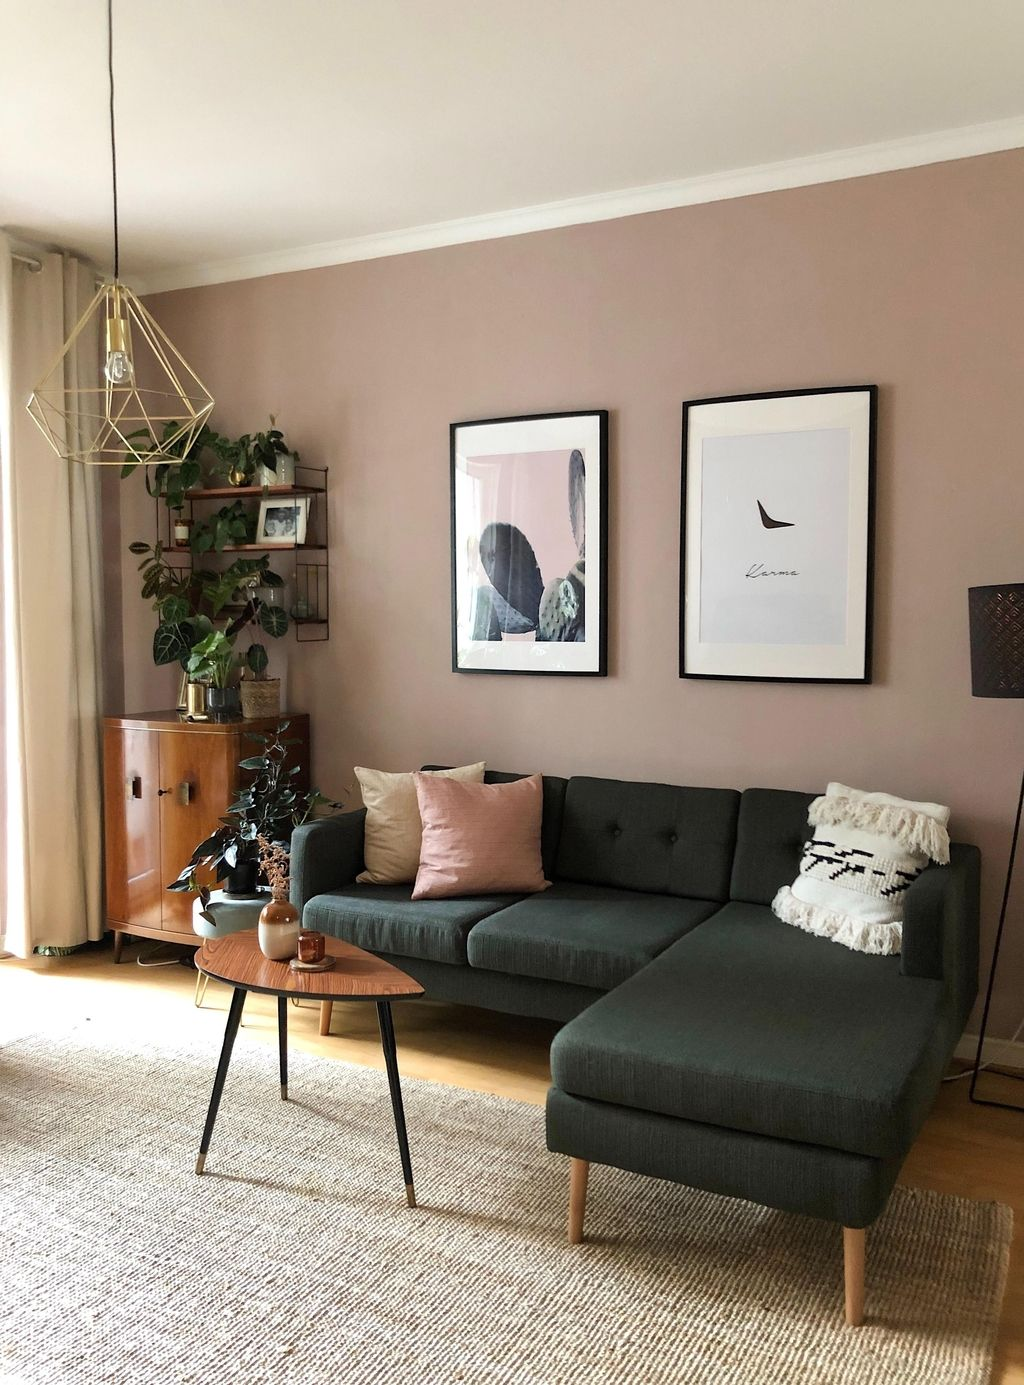 Den Tag wie Frauelein_Herz ganz gemütlich auf der Couch ausklingen lassen? Wir zeigen dir, wie du deine Sofaecke noch schöner machst! #einrichtungisdeen #dekoideen #sofa #wohnzimmer #wandgestaltung #COUCHstyle